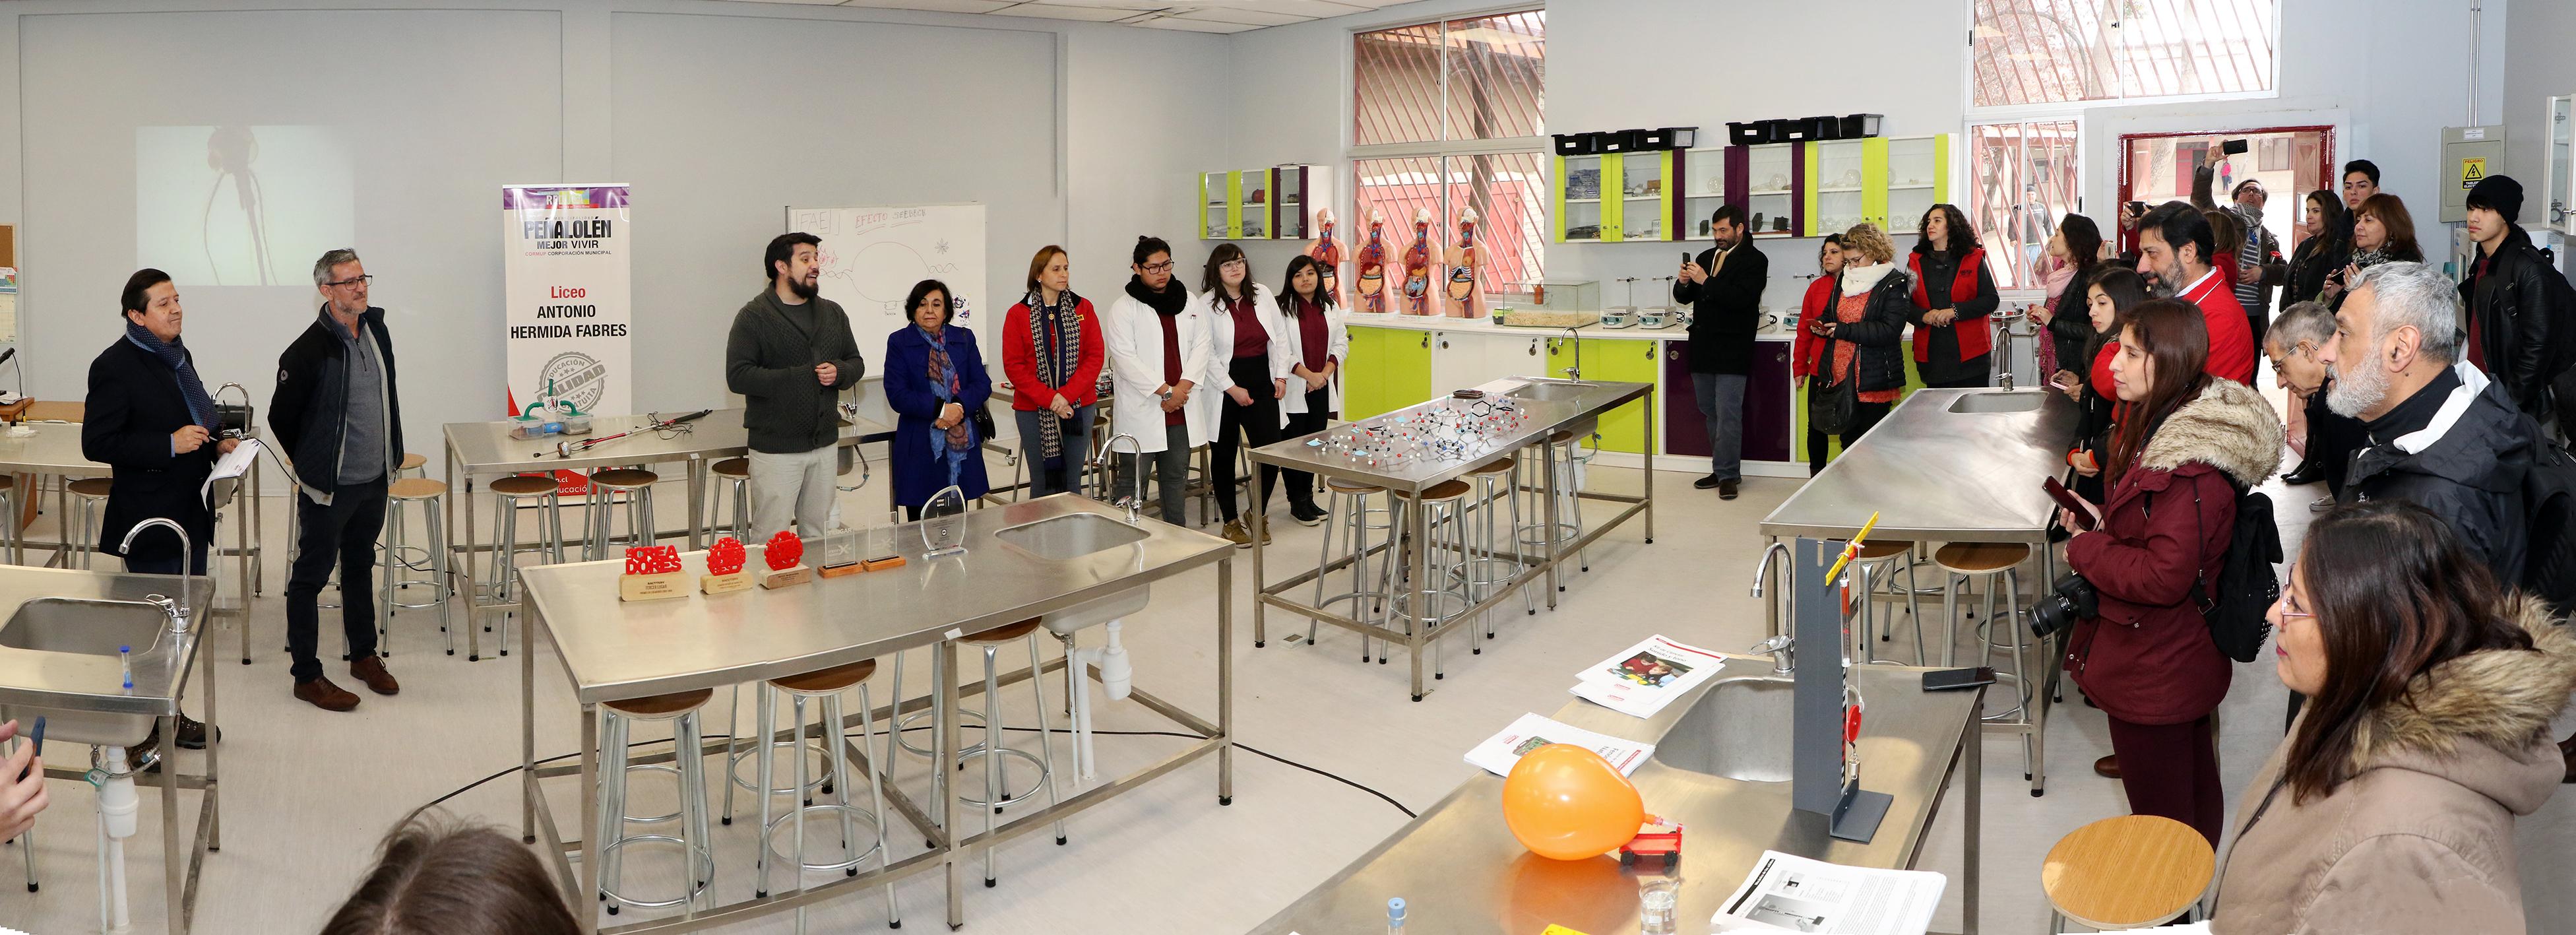 Laboratorio-de-Ciencias-Liceo-Antonio-Hermida-Fabres-12